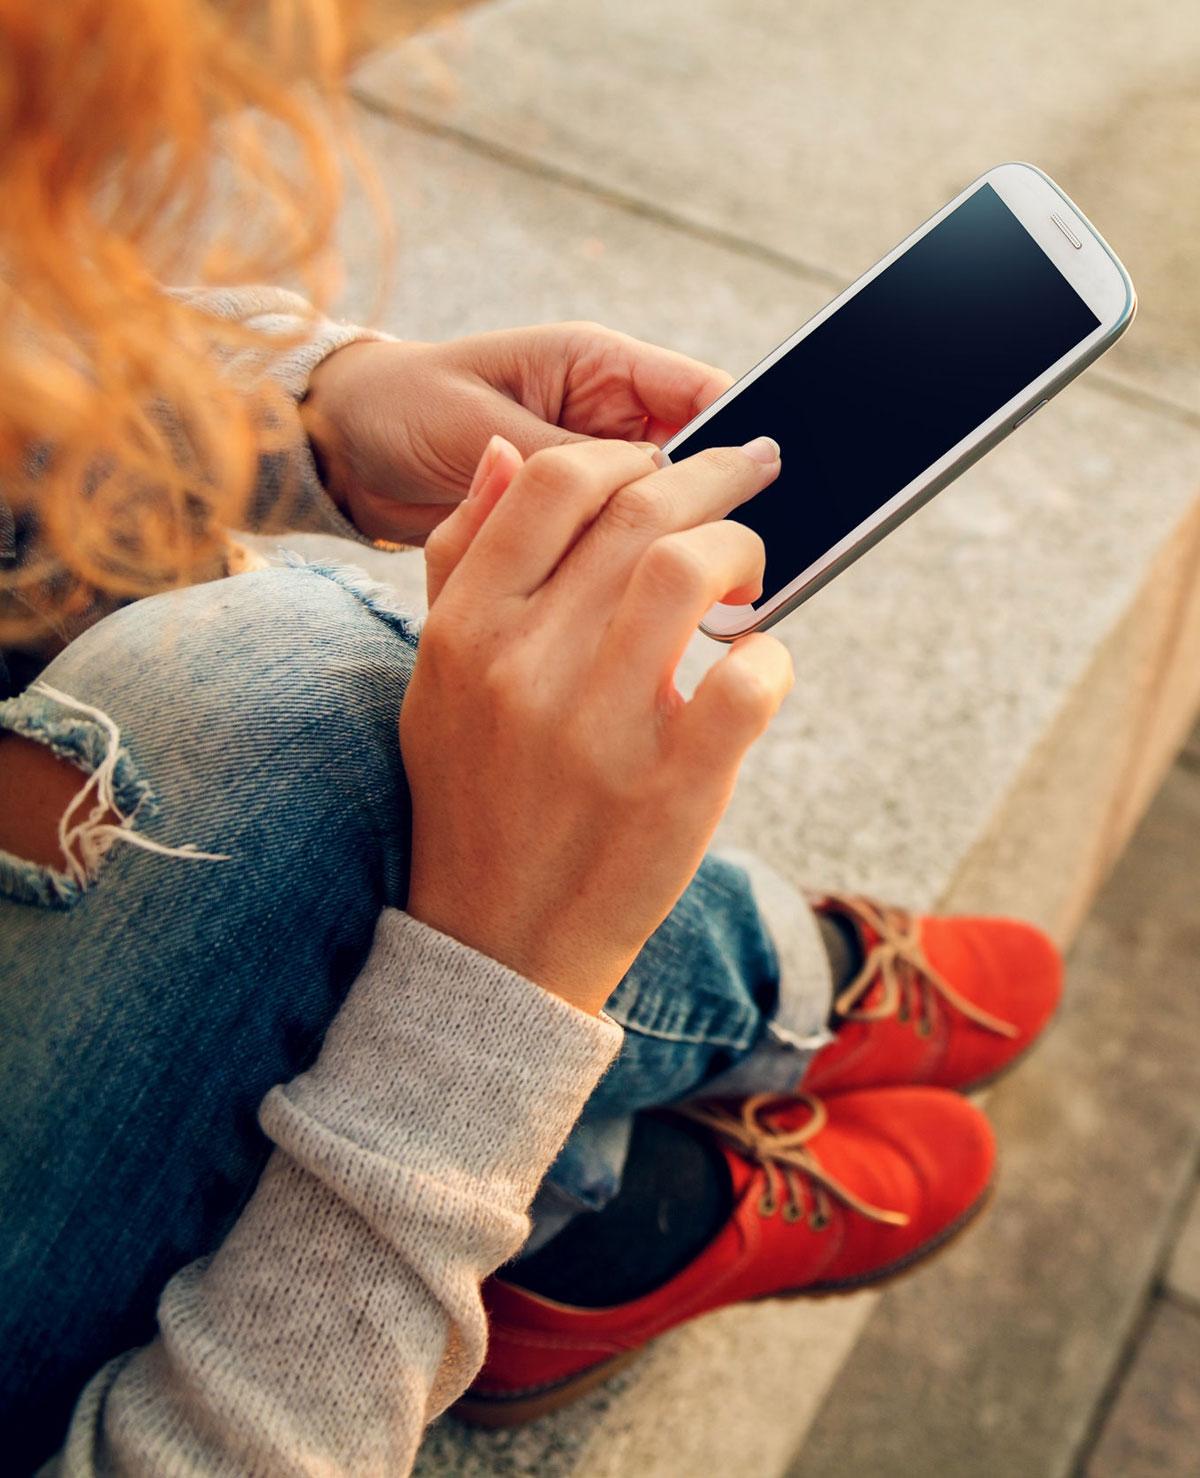 Lezeres Tanja: 'Geregeld met één telefoontje'